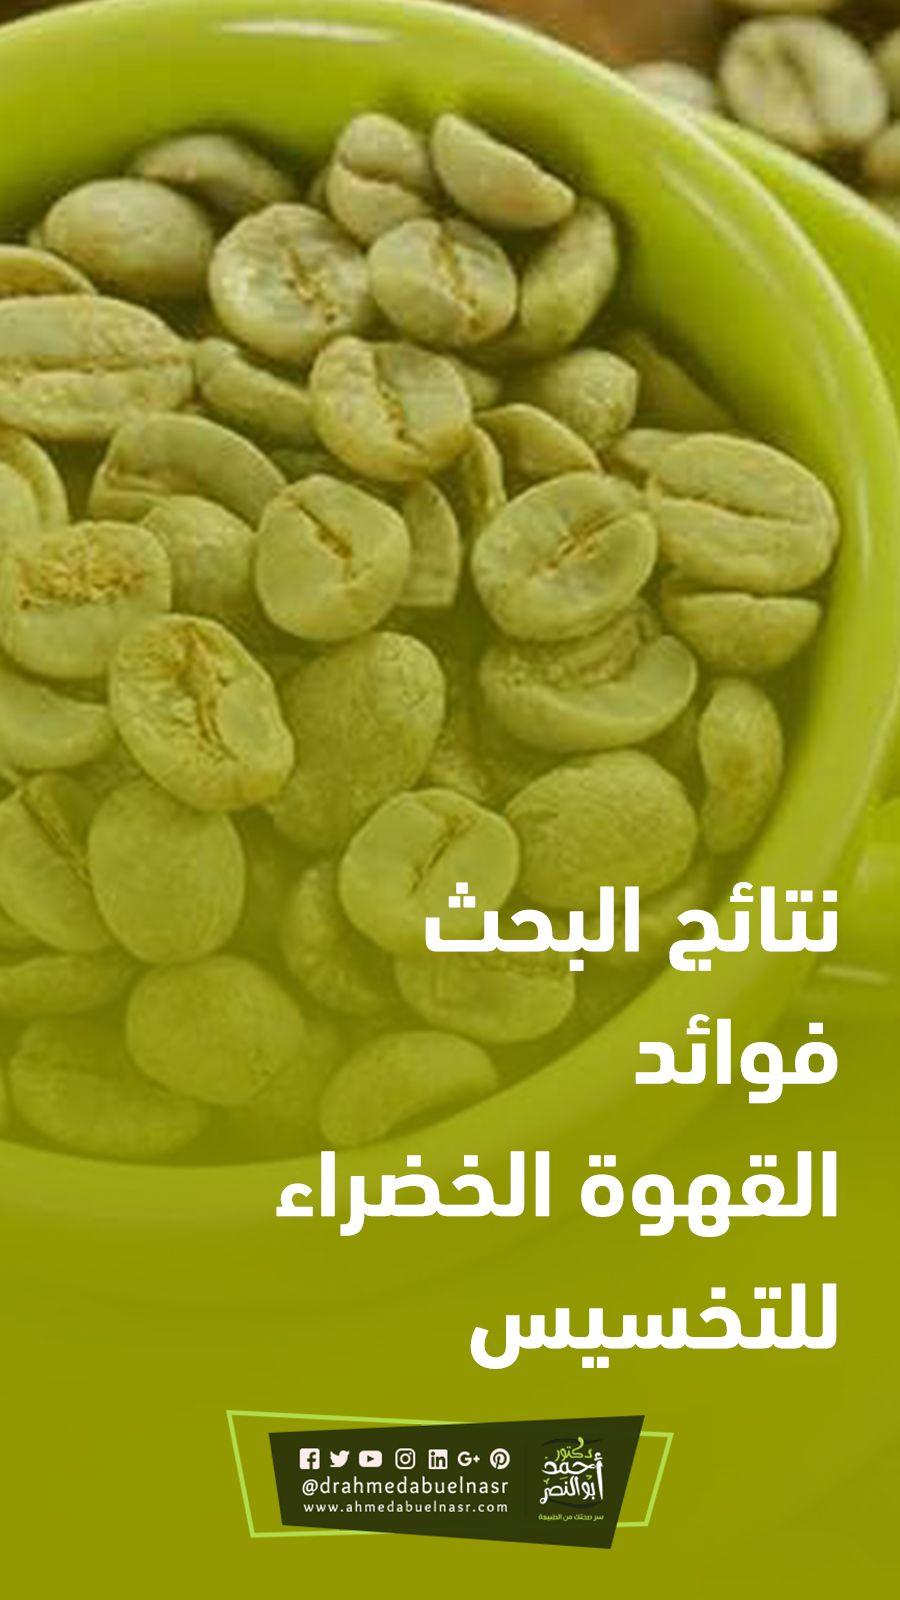 فوائد القهوة الخضراء للتخسيس Vegetables Food Beans